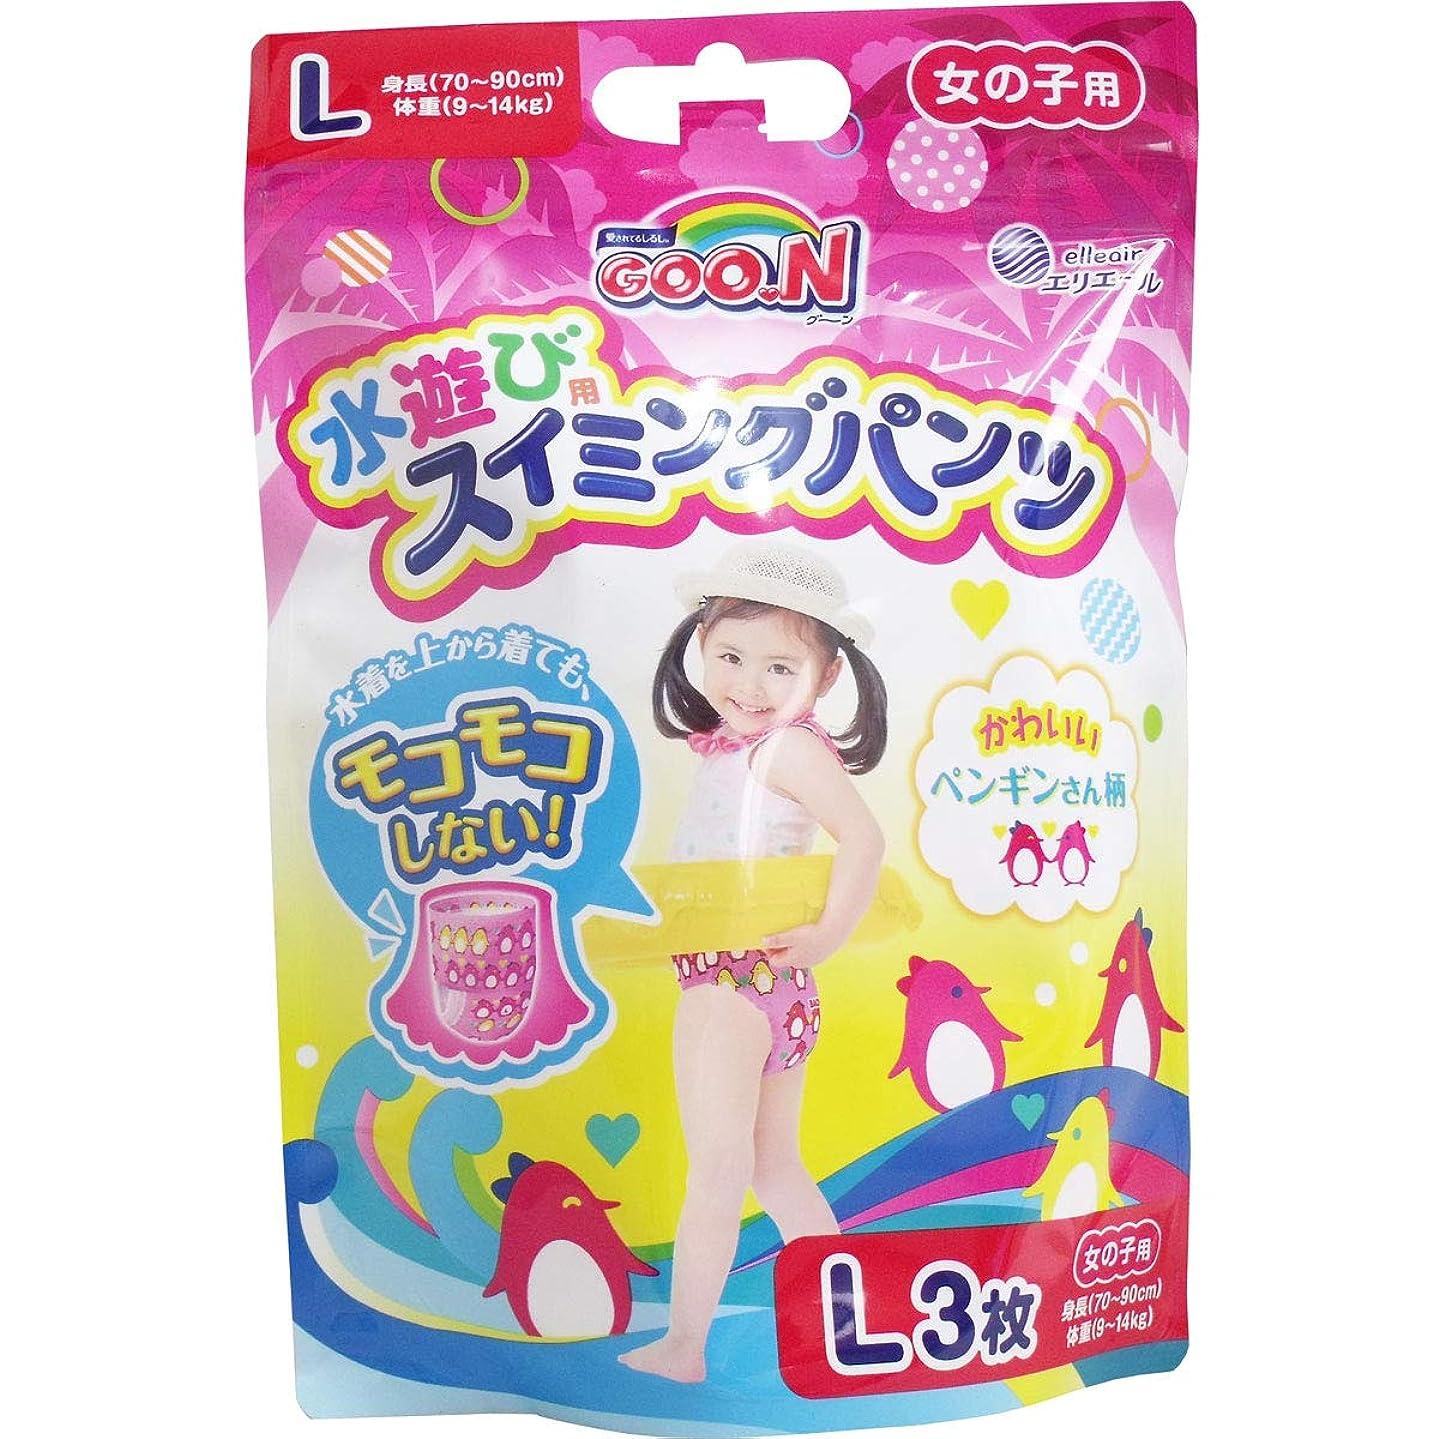 バタフライ請う歯科の[6月26日まで特価]グーン 水遊び用スイミングパンツ 女の子用 Lサイズ 3枚入×5個セット